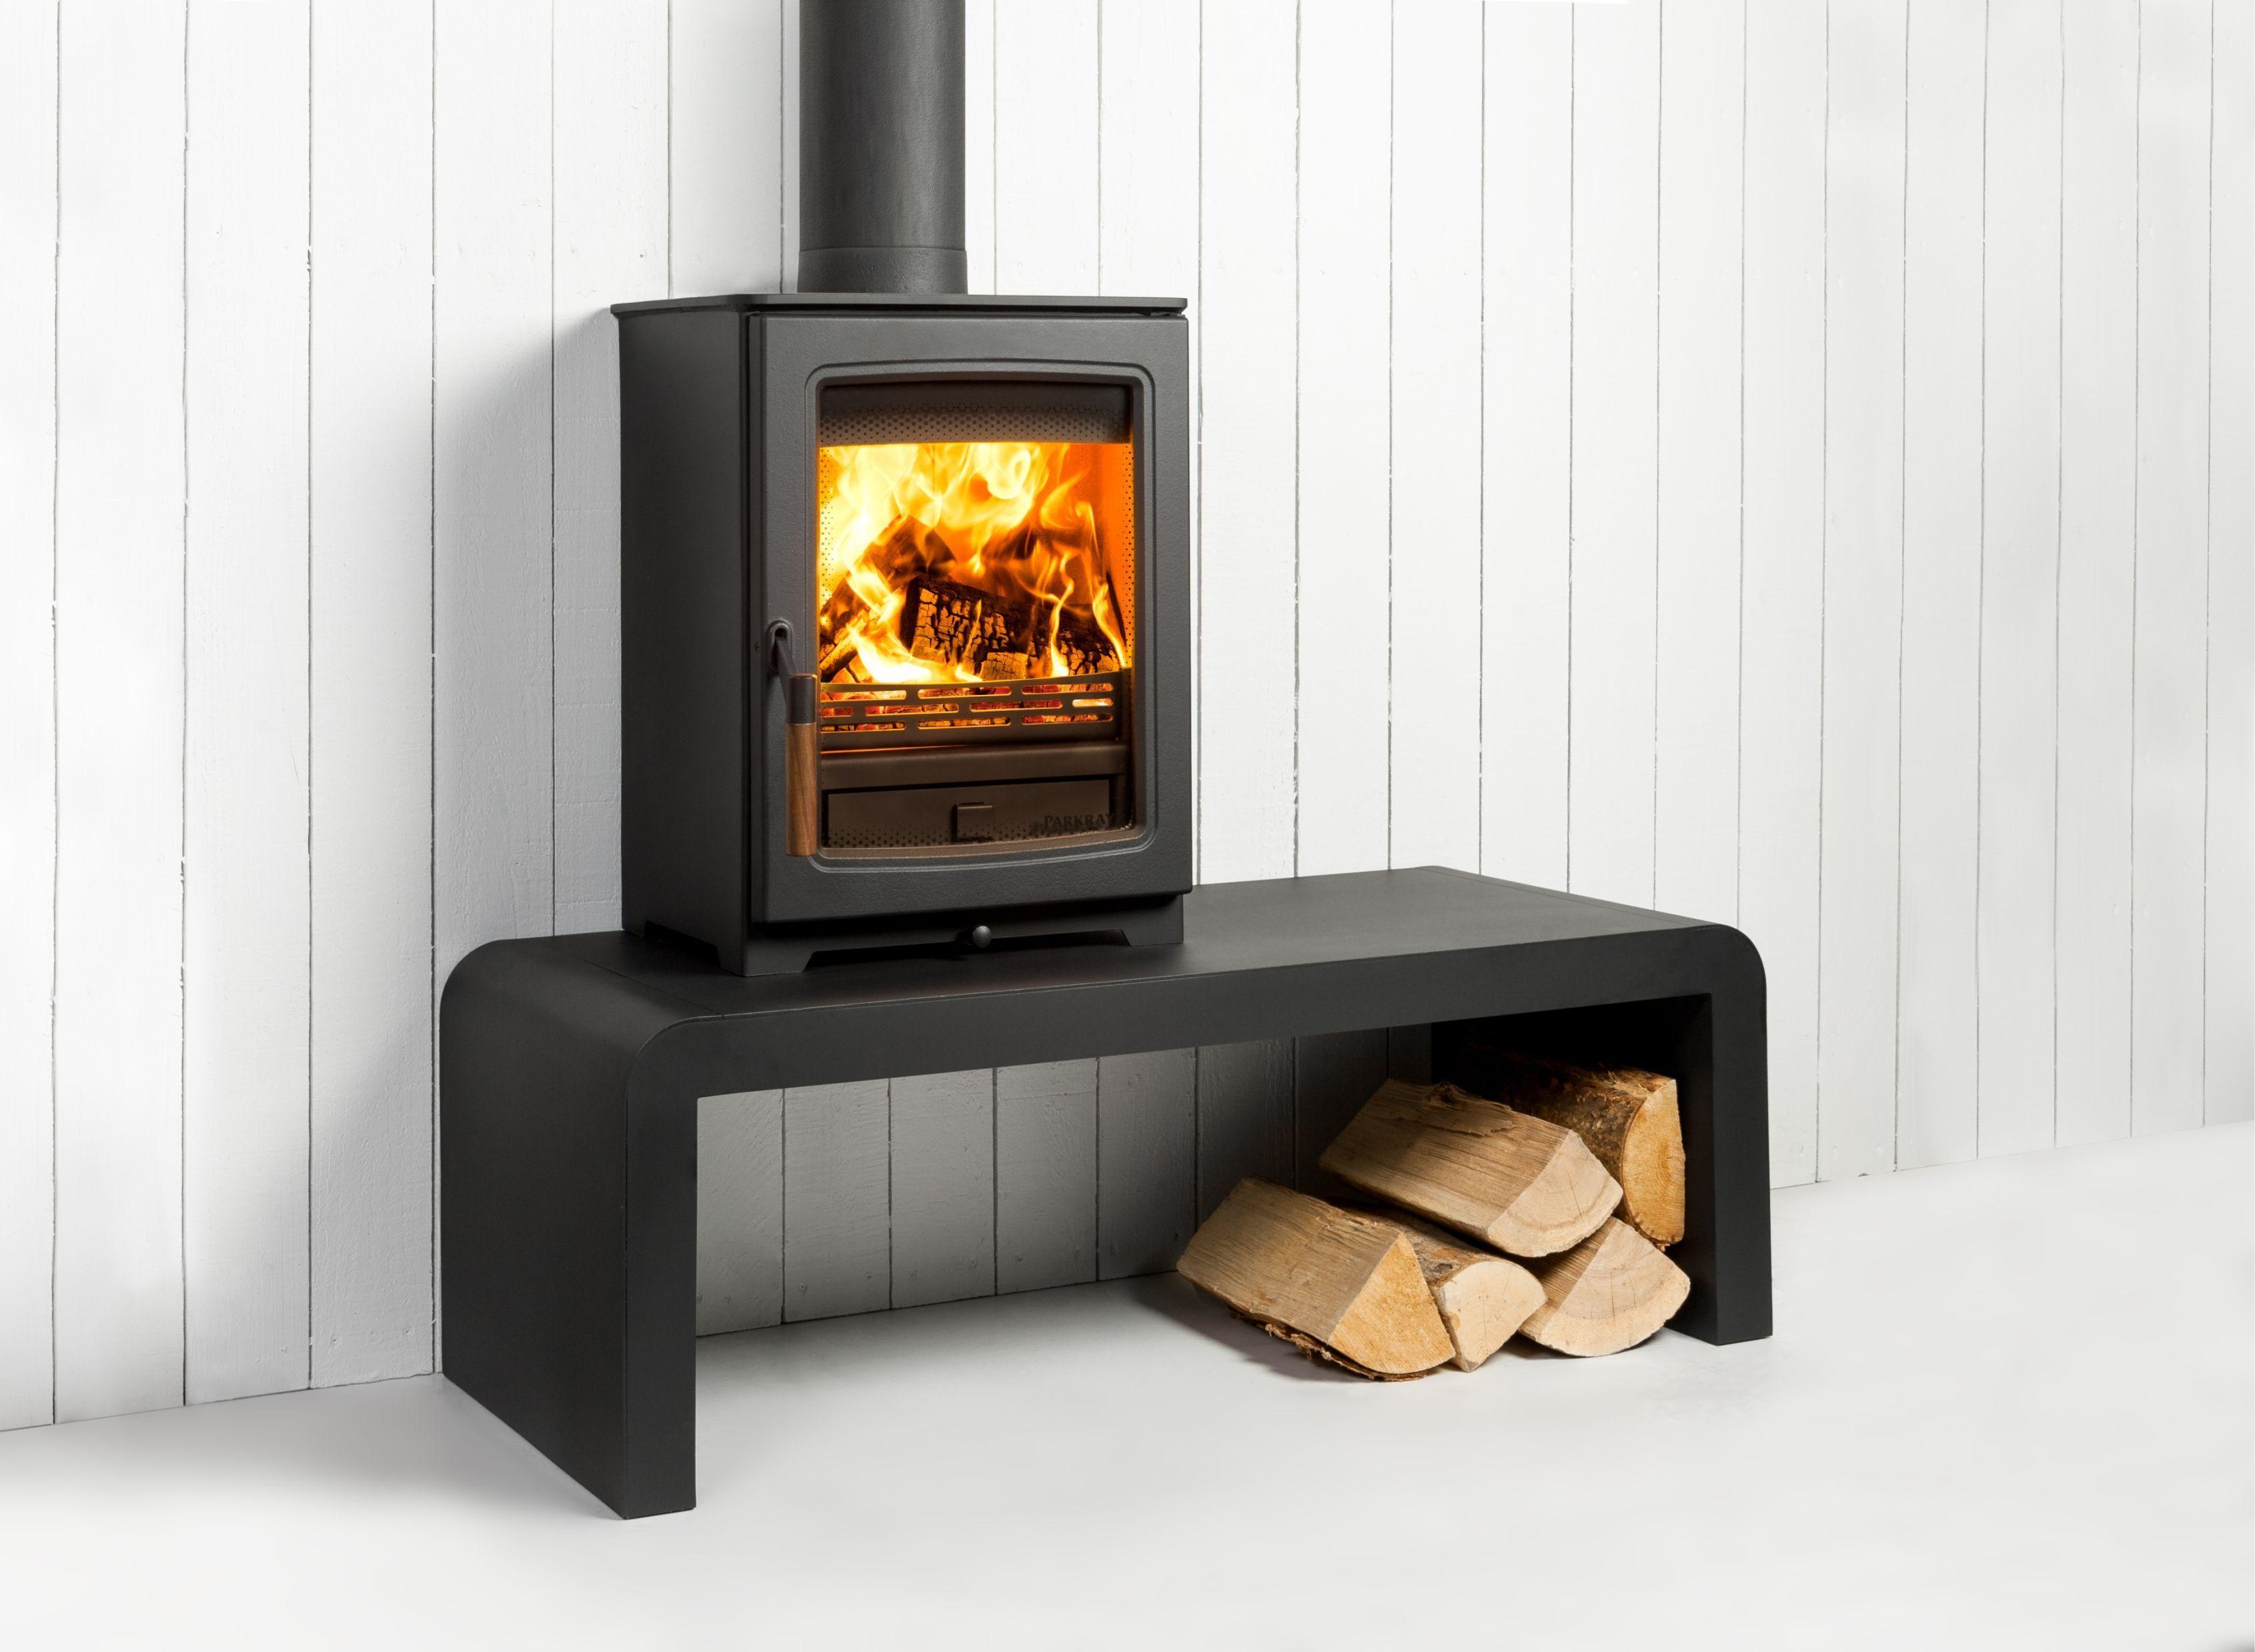 Wood Burning Stove Fireplace Surveys Installation Burning Fireplace Freestandingfir Stove Fireplace Woodburning Stove Fireplace Freestanding Fireplace